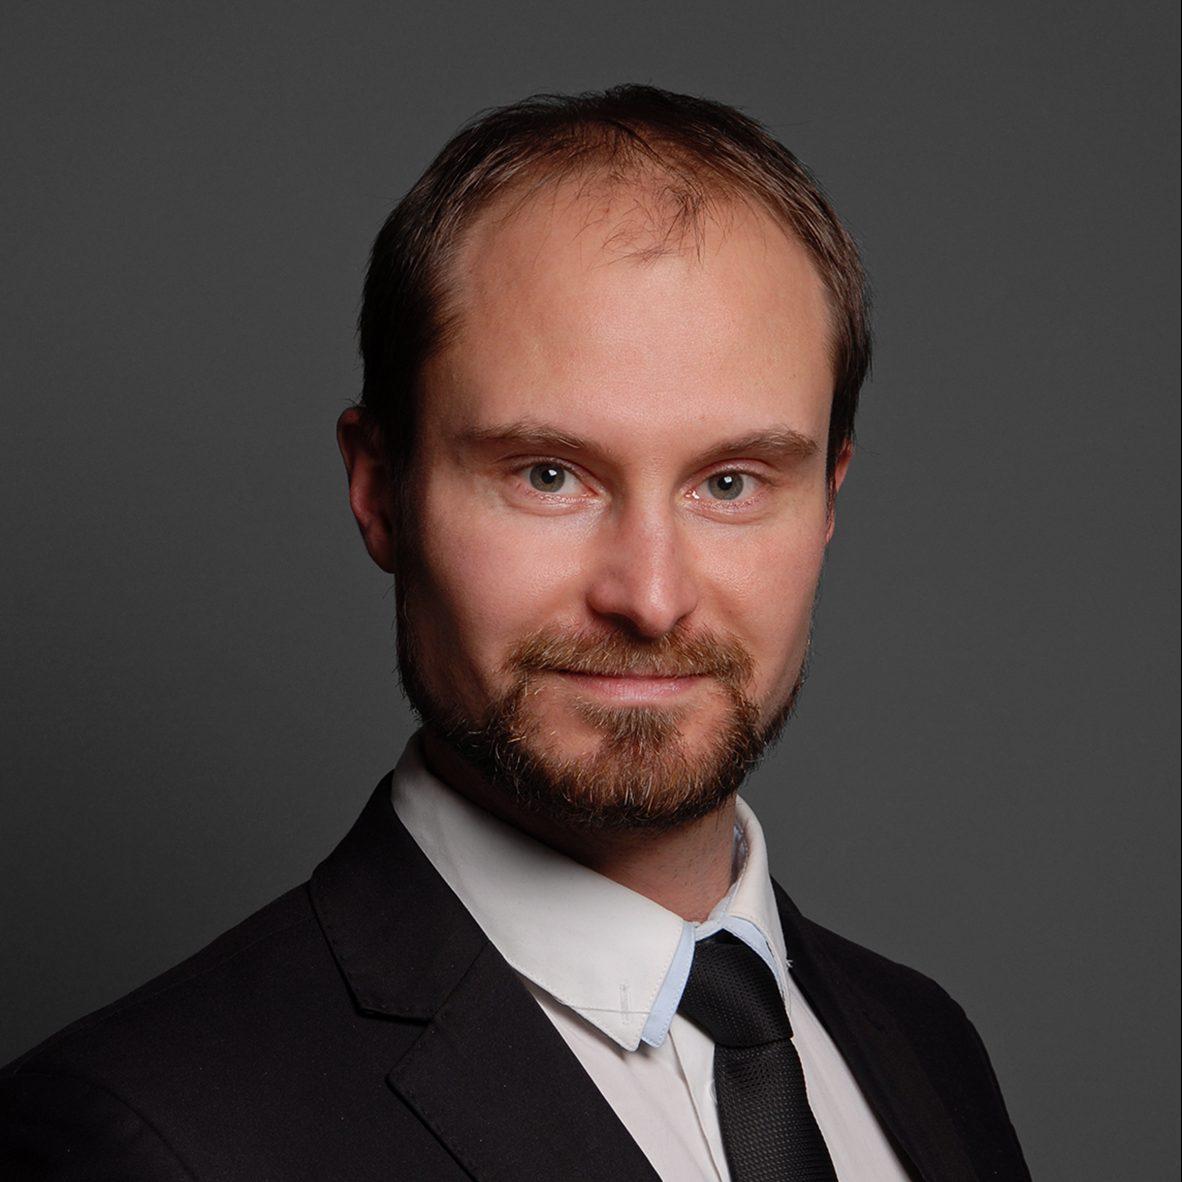 Piotr Chwiałkowski